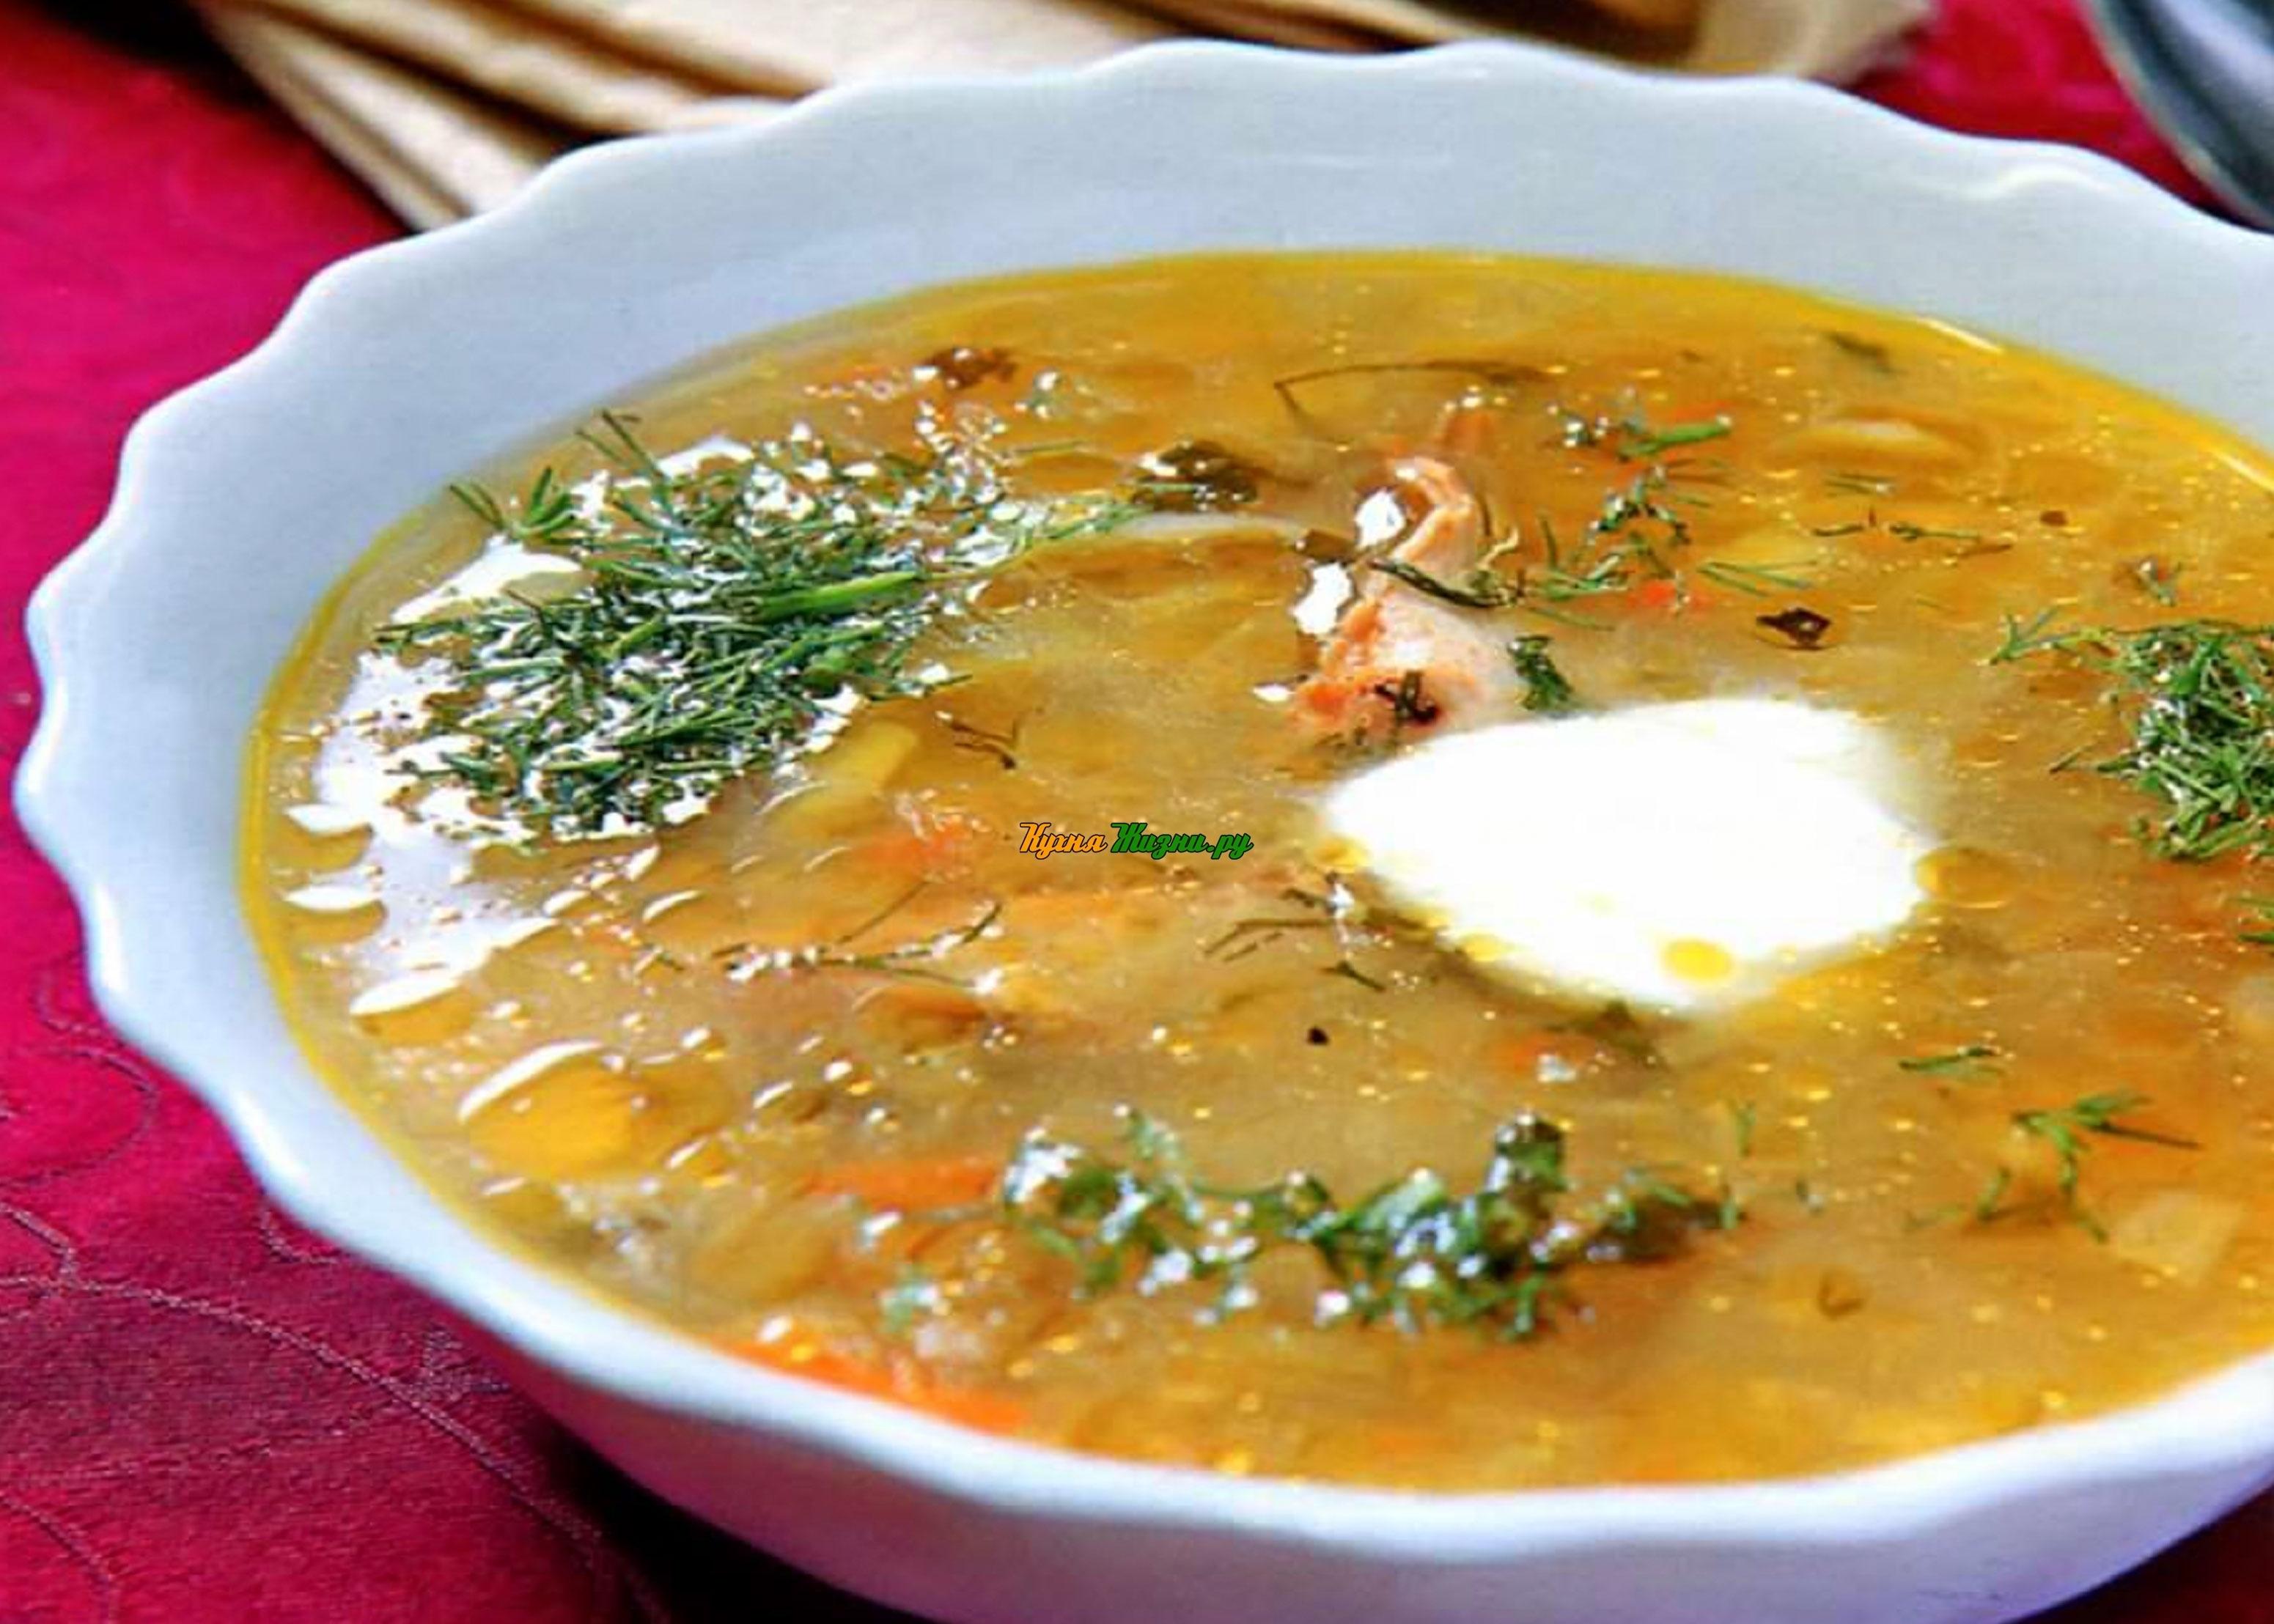 Предлагаю попробовать очень вкусный, легкий и интересный суп с оливками.